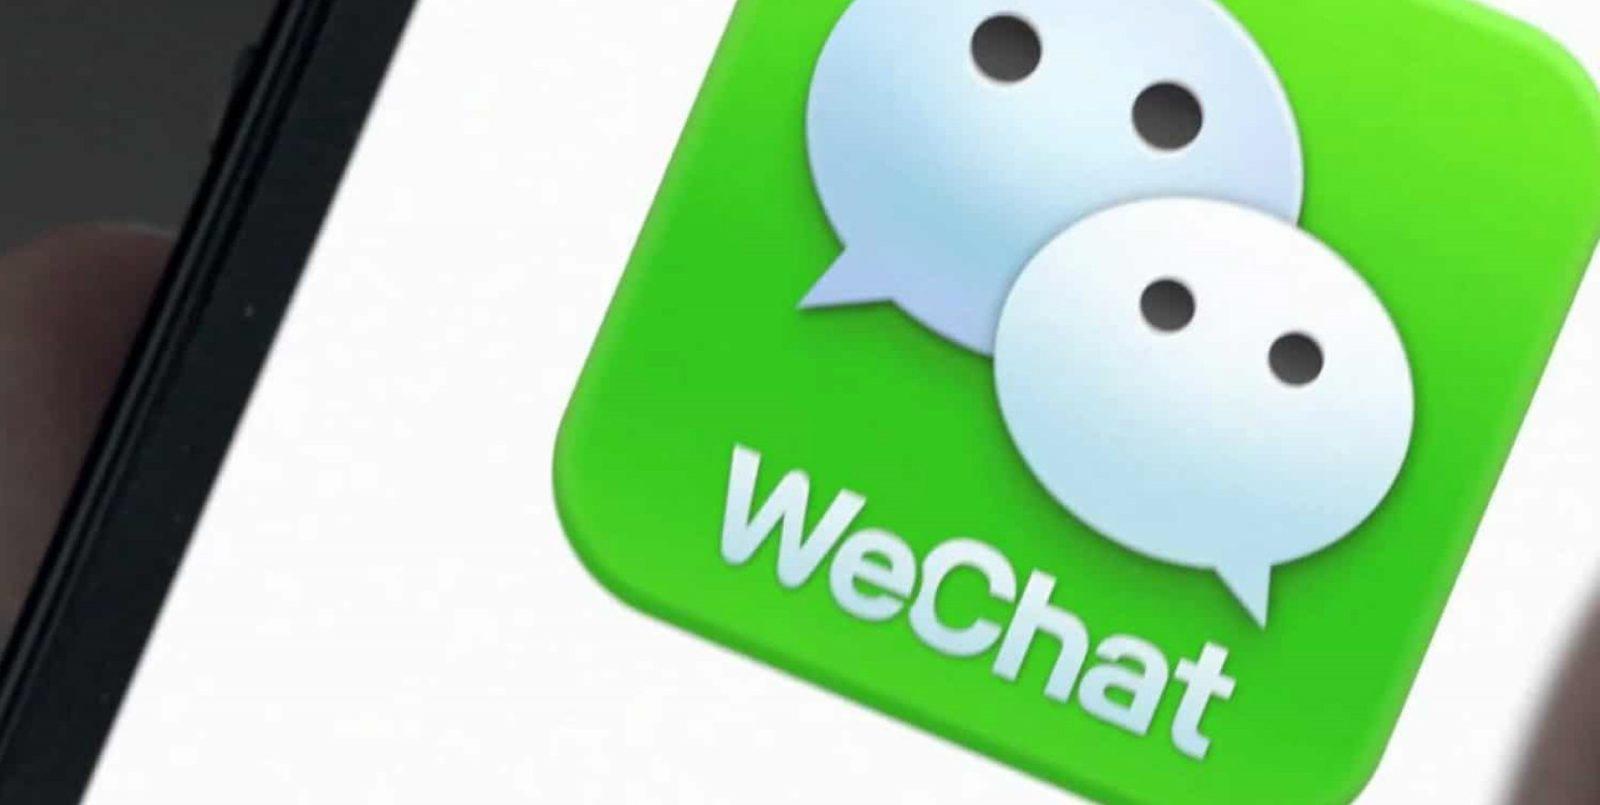 Vendere vino in Cina usando WeChat, il principale social network cinese